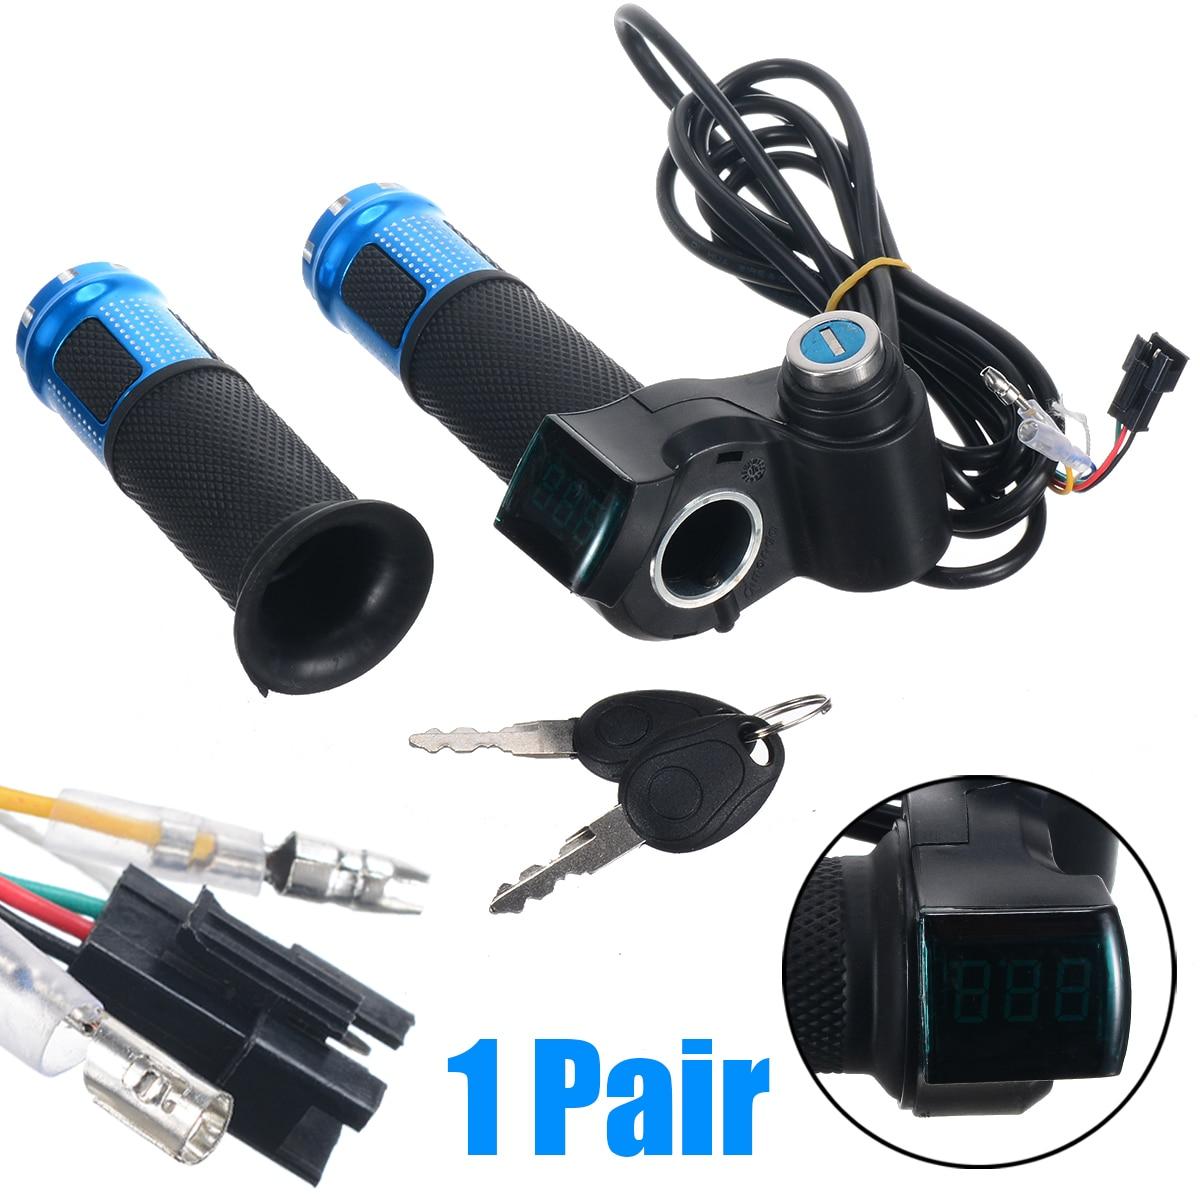 1 Paar Elektrische Fahrrad Gas Mit Lcd Display Elektrische Roller Lenker Grip Für Roller Bike 24 V 36 V 48 V Fahrrad Zubehör FüR Schnellen Versand